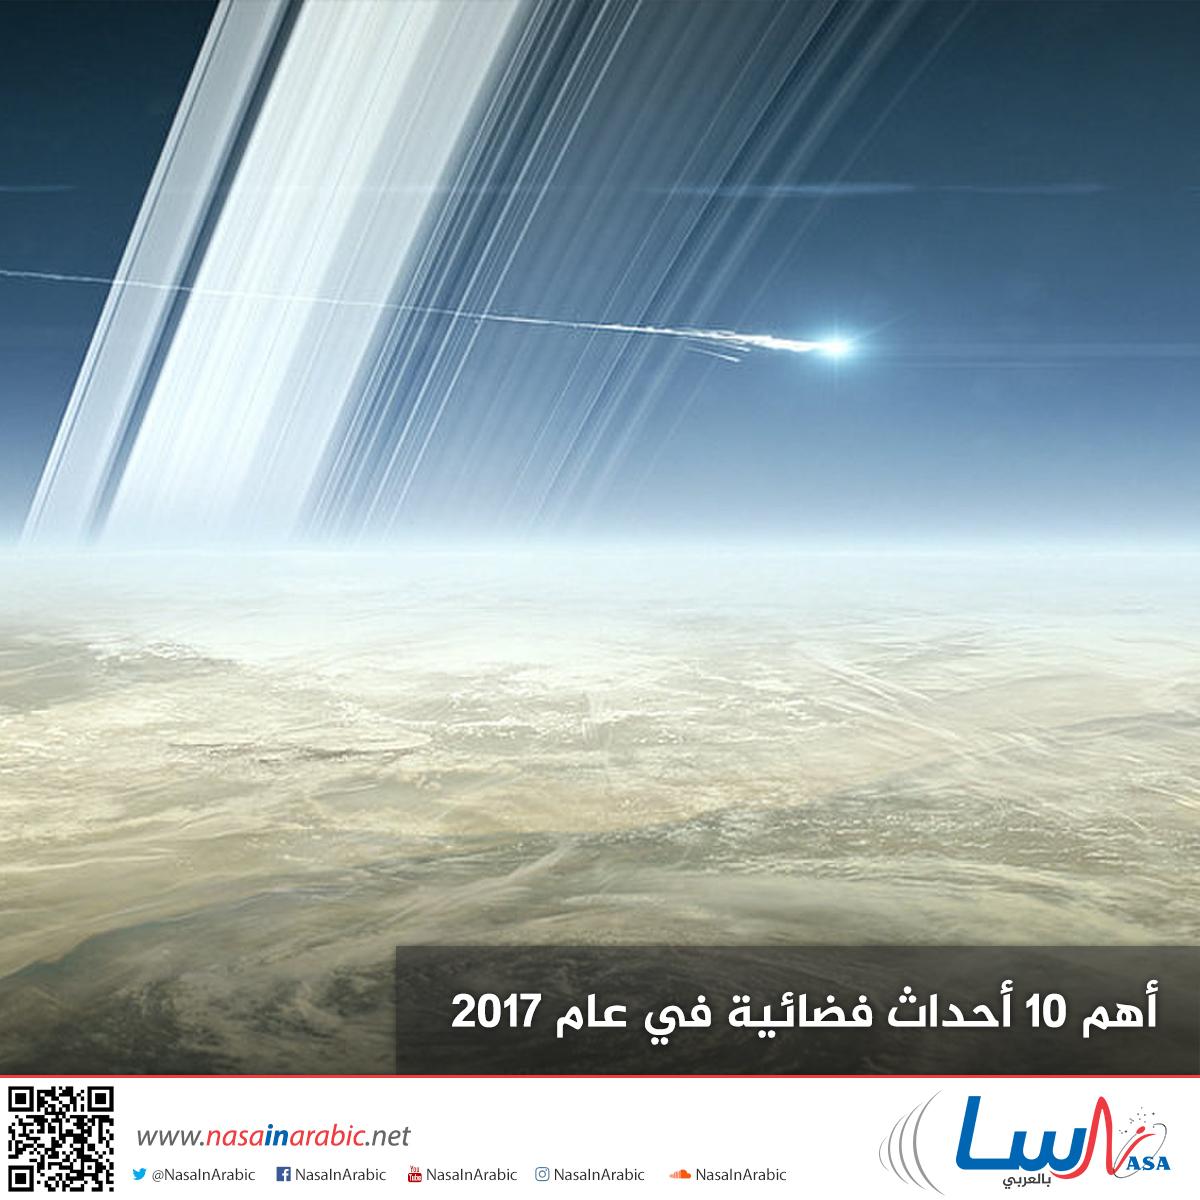 أهم 10 أحداث فضائية في عام 2017